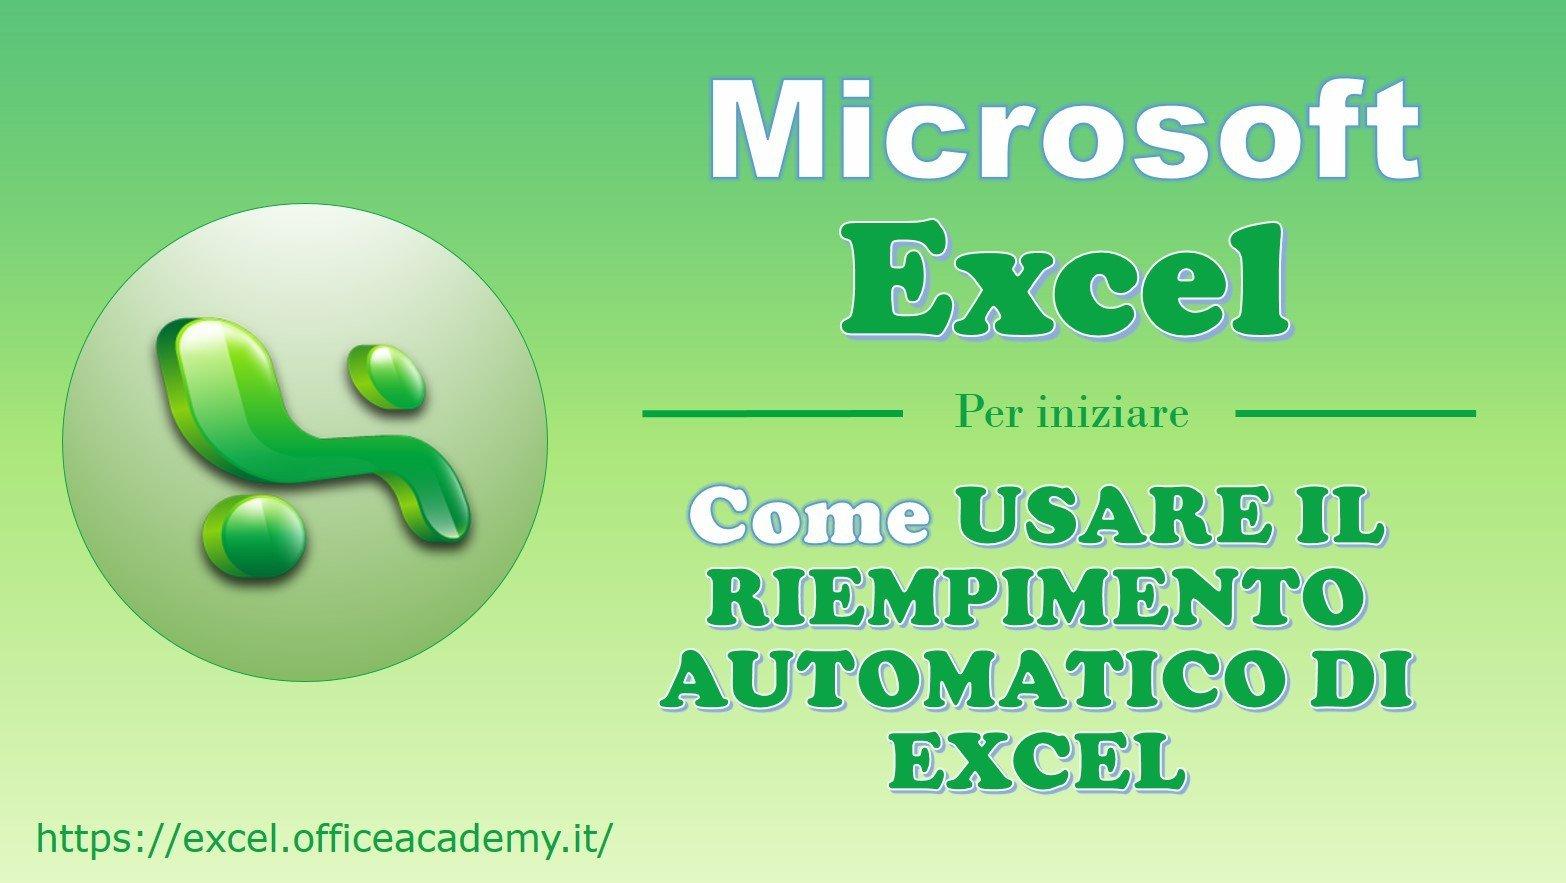 Come usare il Riempimento automatico di Excel